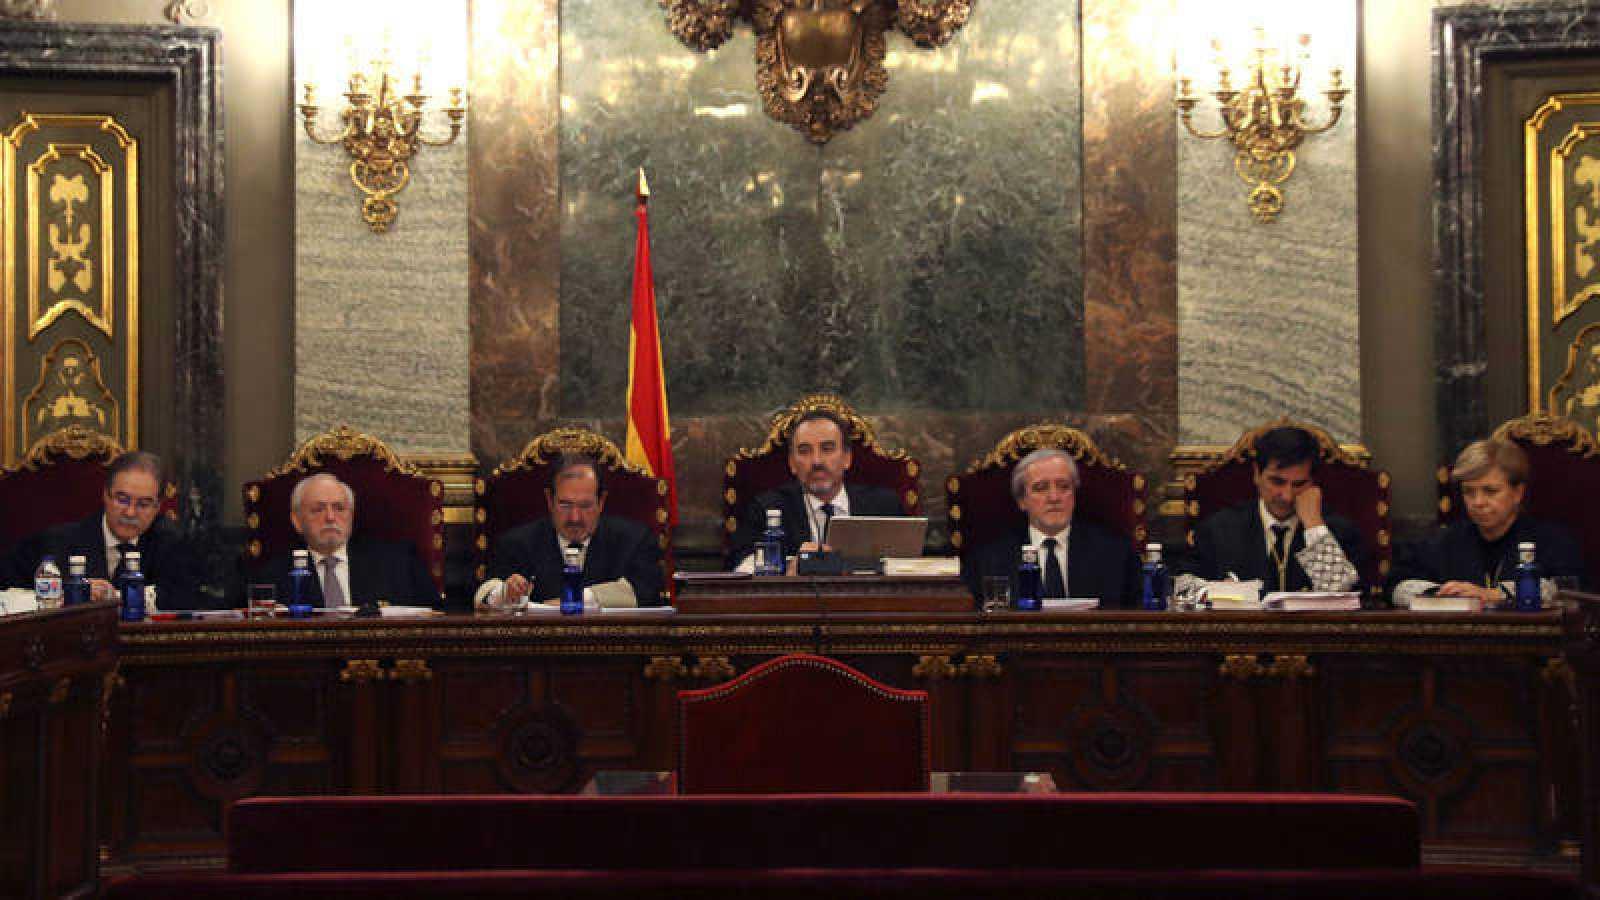 De izquierda a derecha: Andrés Palomo, Luciano Varela, Andrés Martínez Arrieta, el presidente de la Sala Segunda, Manuel Marchena, Juan Ramón Berdugo, Antonio del Moral y Ana Ferrer